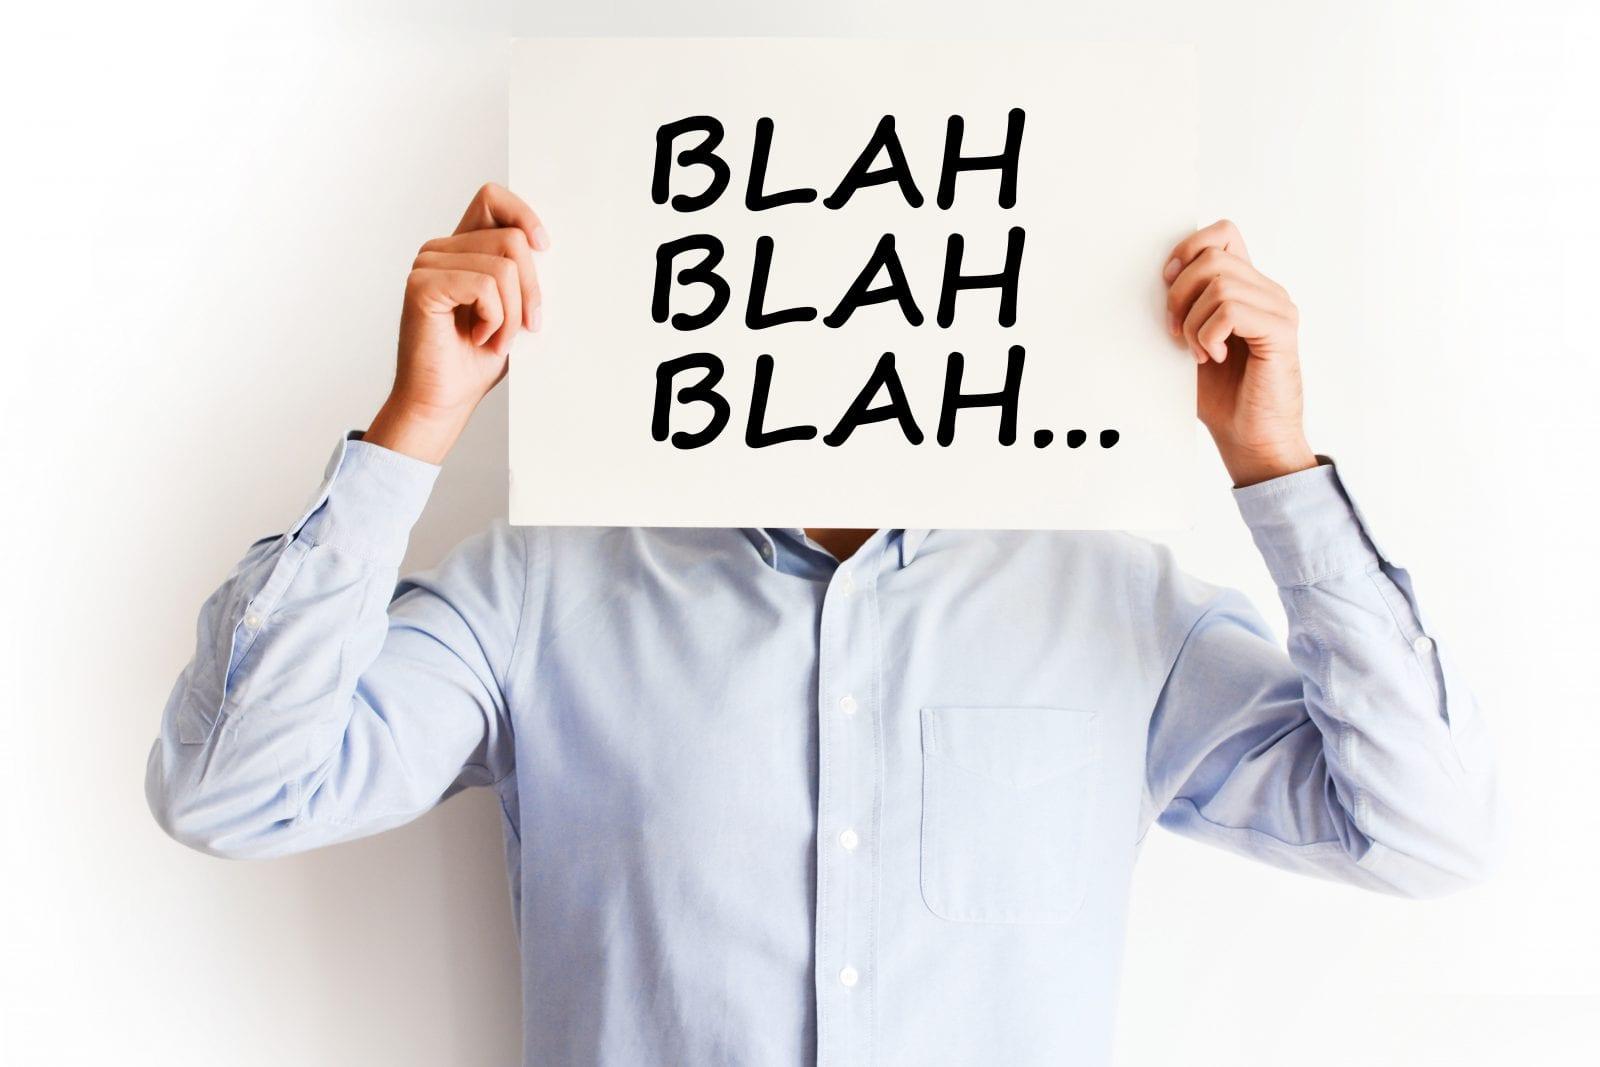 Man holding blah blah blah sign